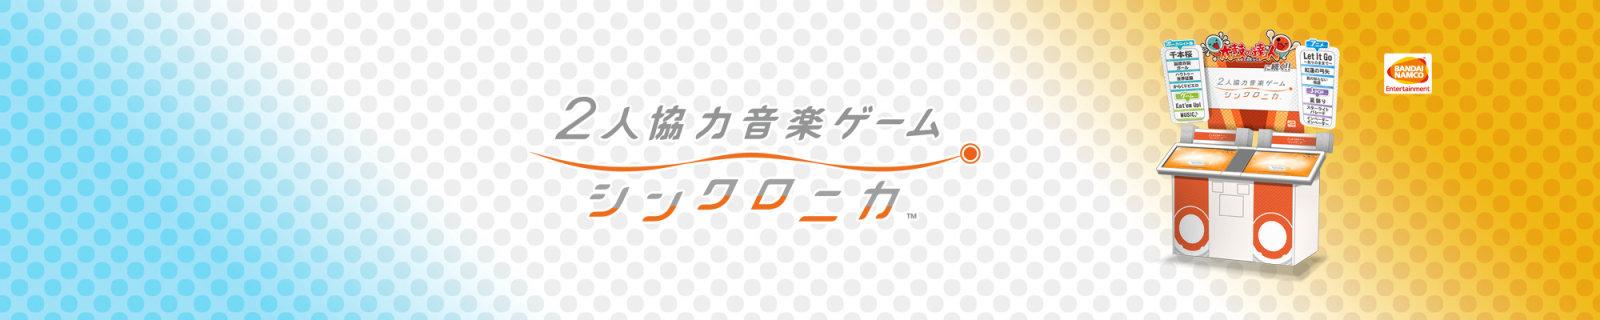 万代公布新音游框体《Synchronica》